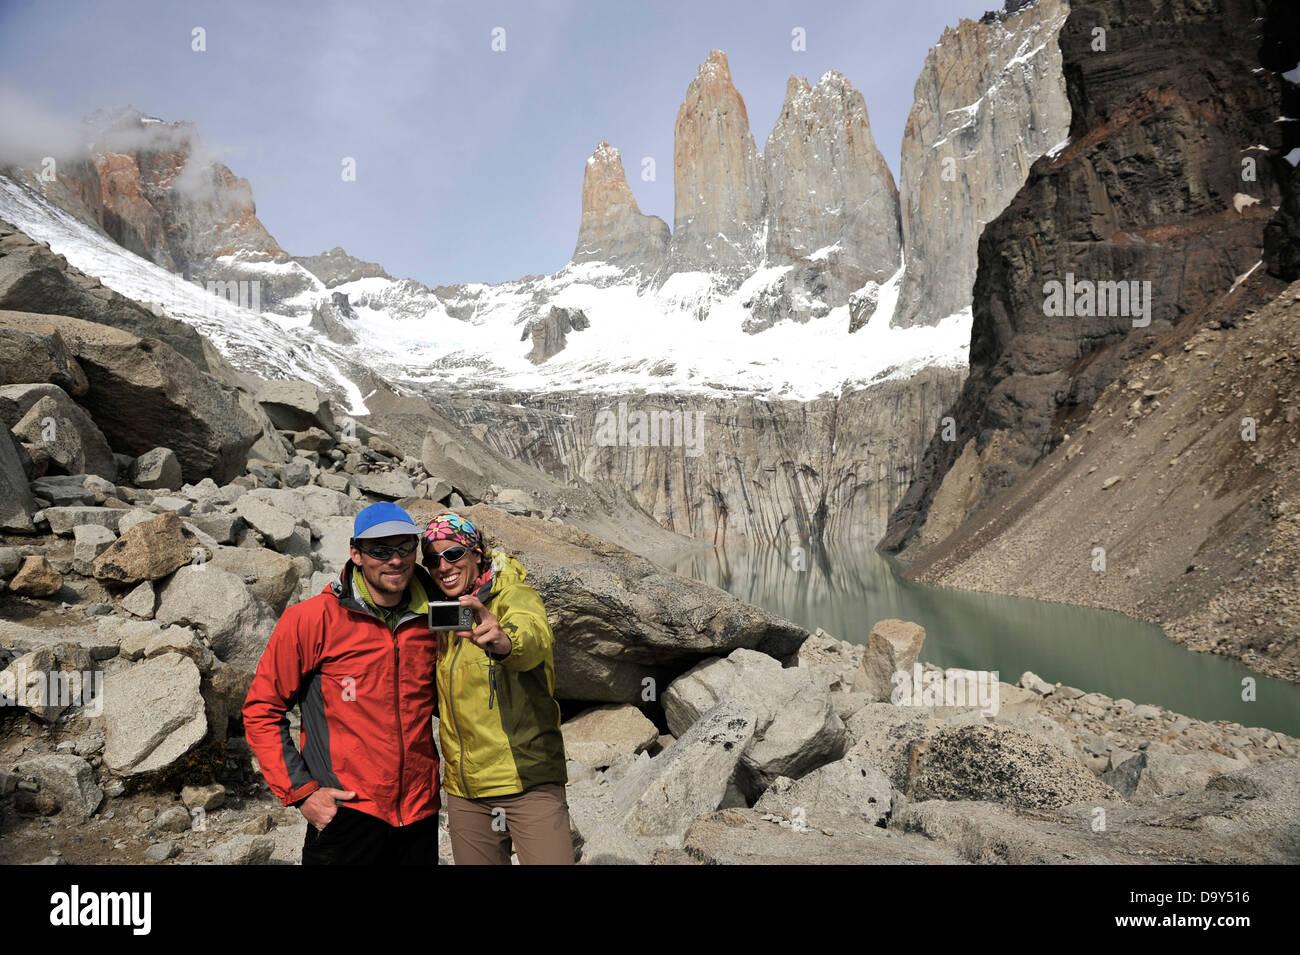 Trekking Chile. - Stock Image